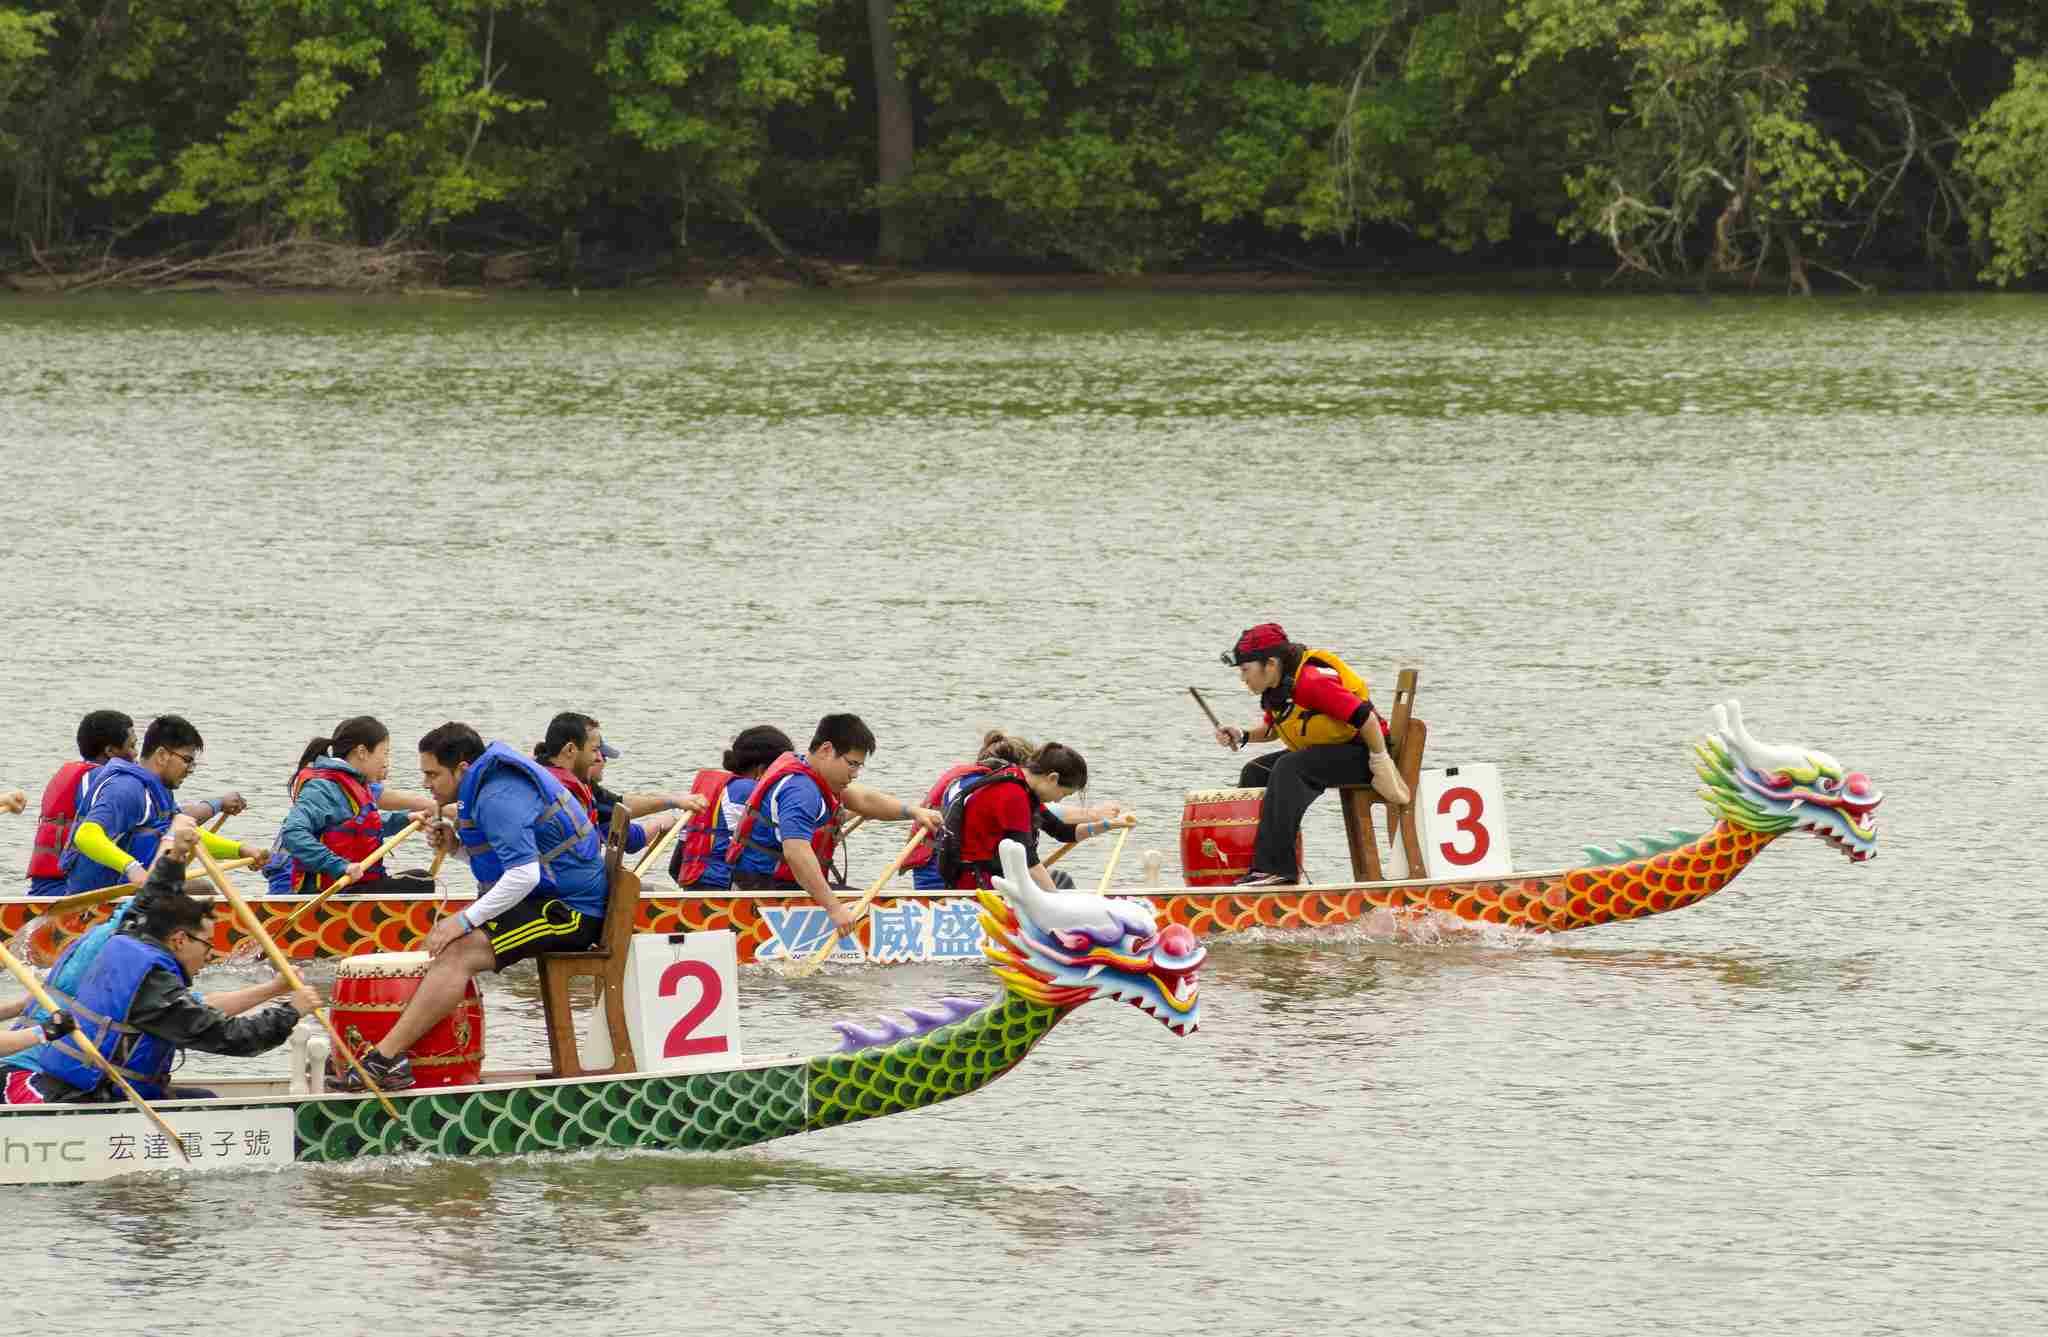 Annual D.C. Dragon Boat Festival